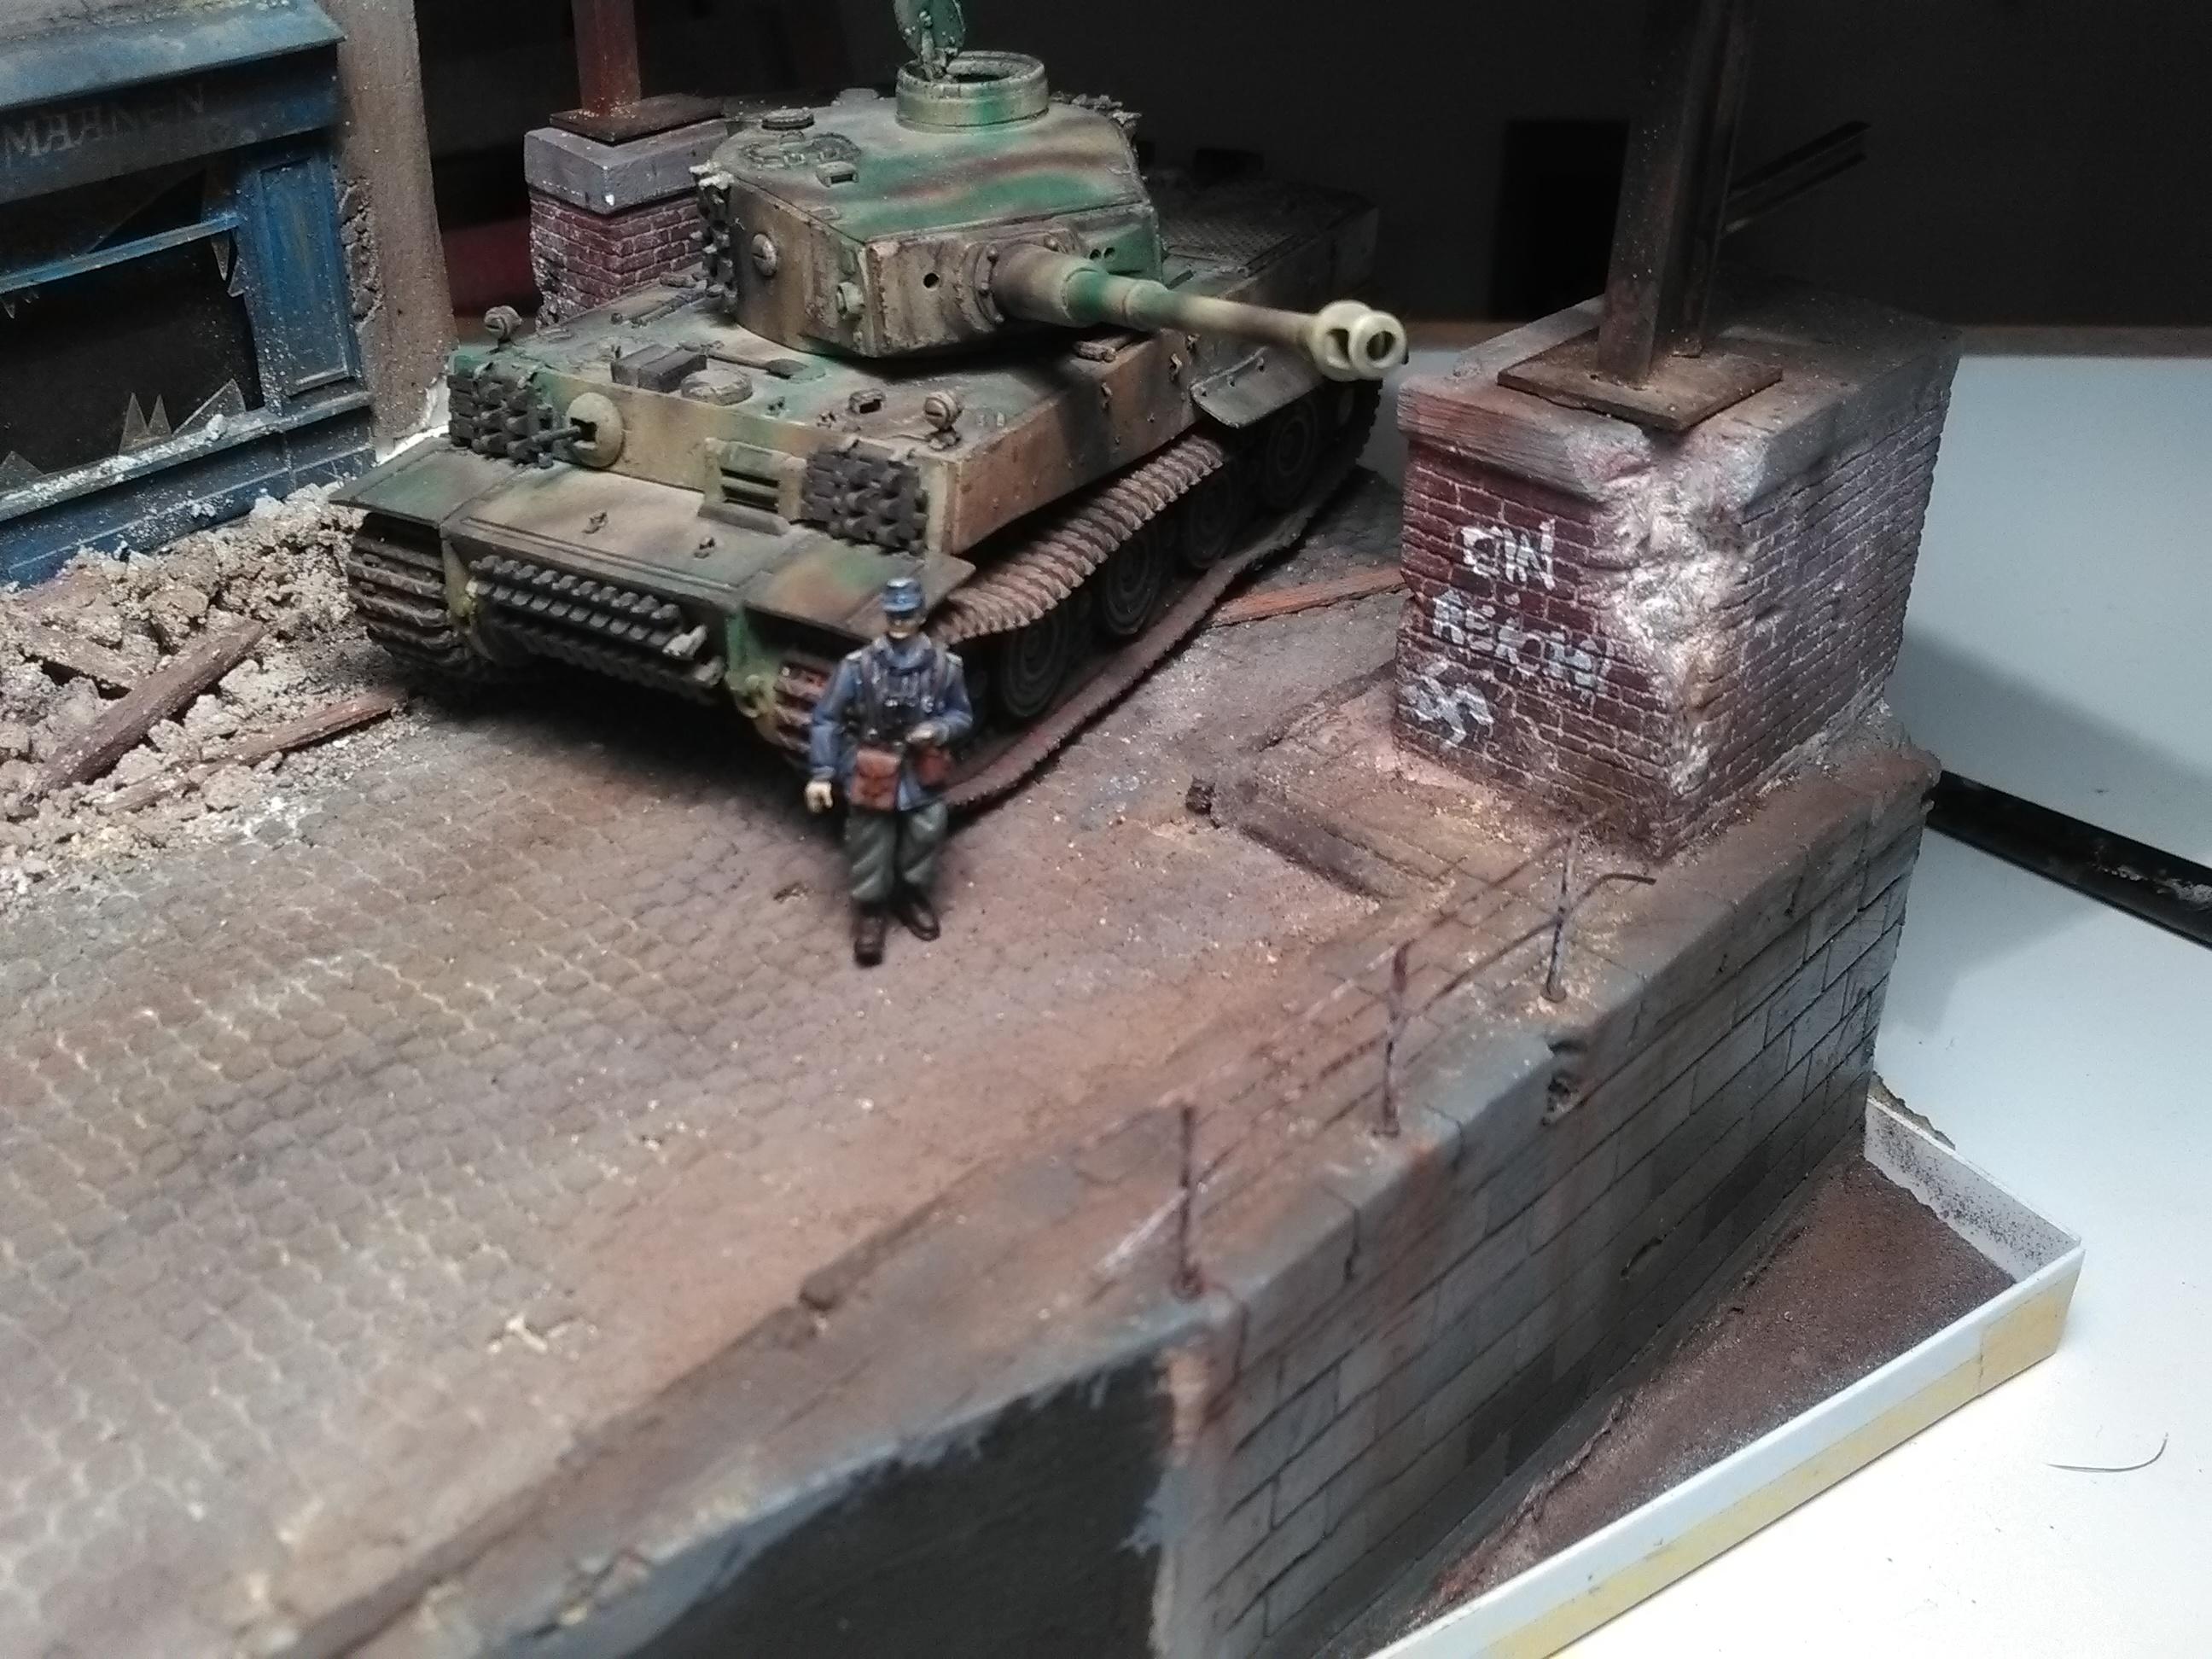 Le Survivant 1/72 - (Tigre 1 Allemagne 1945) - Page 2 IMG_20180312_211222